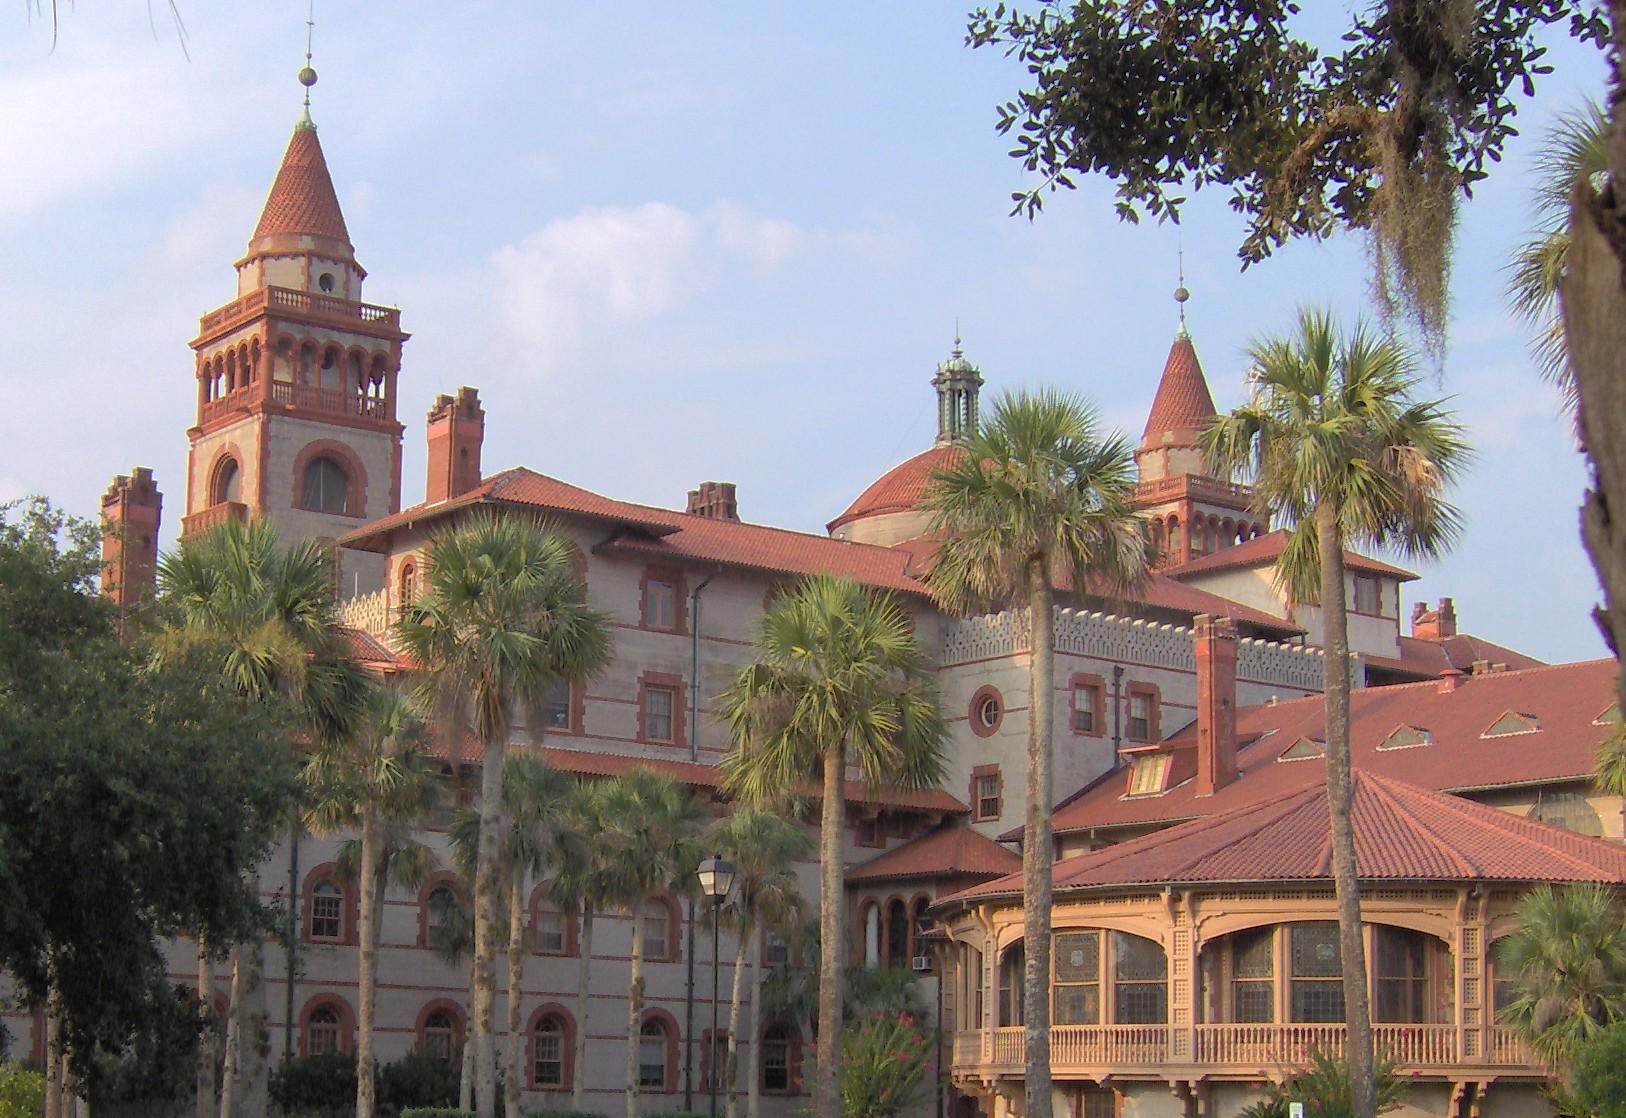 Ponce De León Hotel